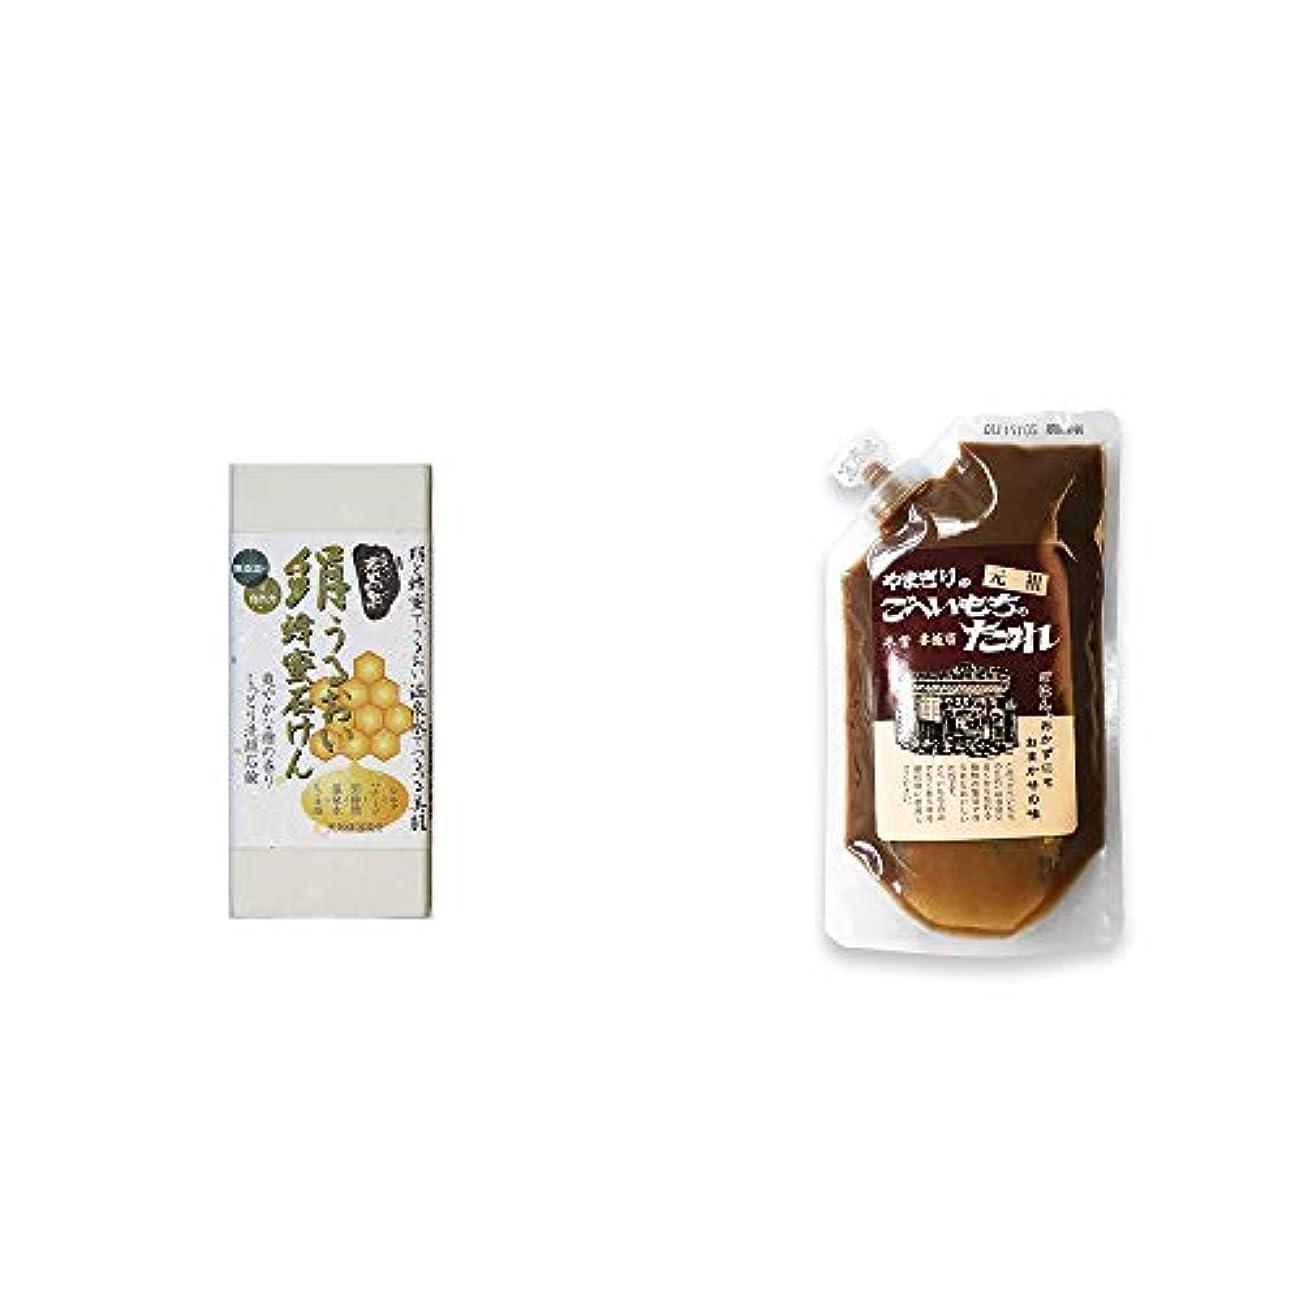 花火値下げ火山の[2点セット] ひのき炭黒泉 絹うるおい蜂蜜石けん(75g×2)?妻籠宿 やまぎり食堂 ごへい餅のたれ(250g)